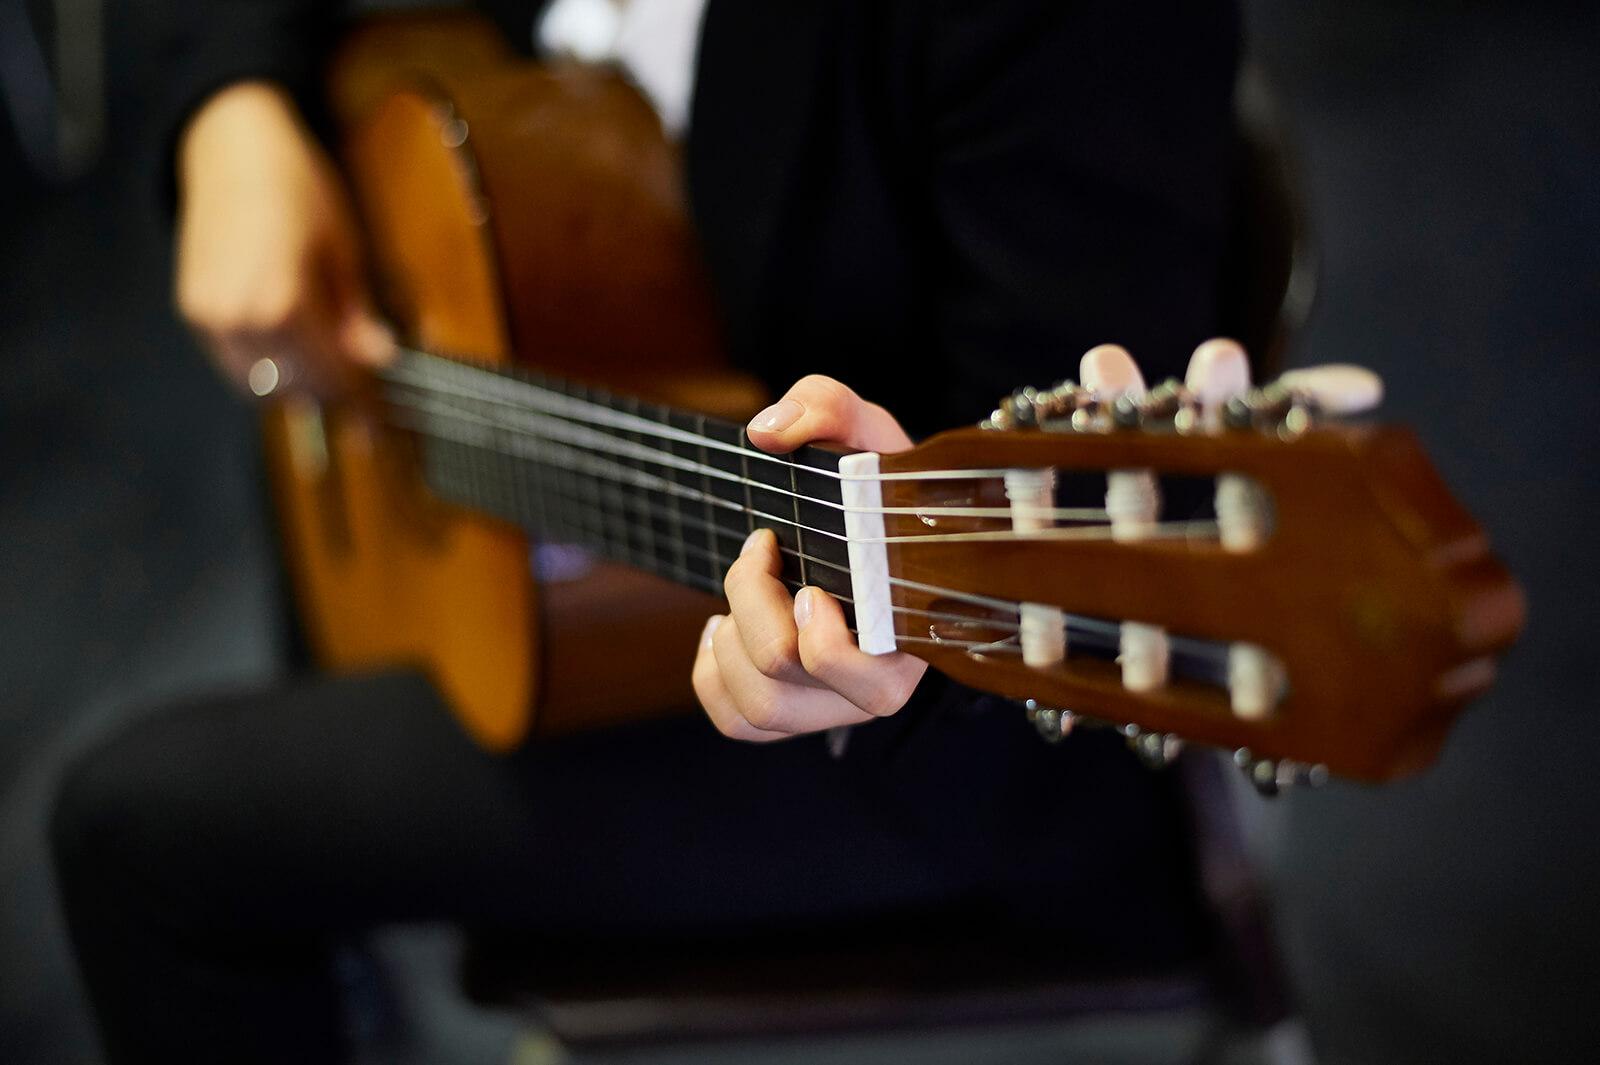 Close up guitar